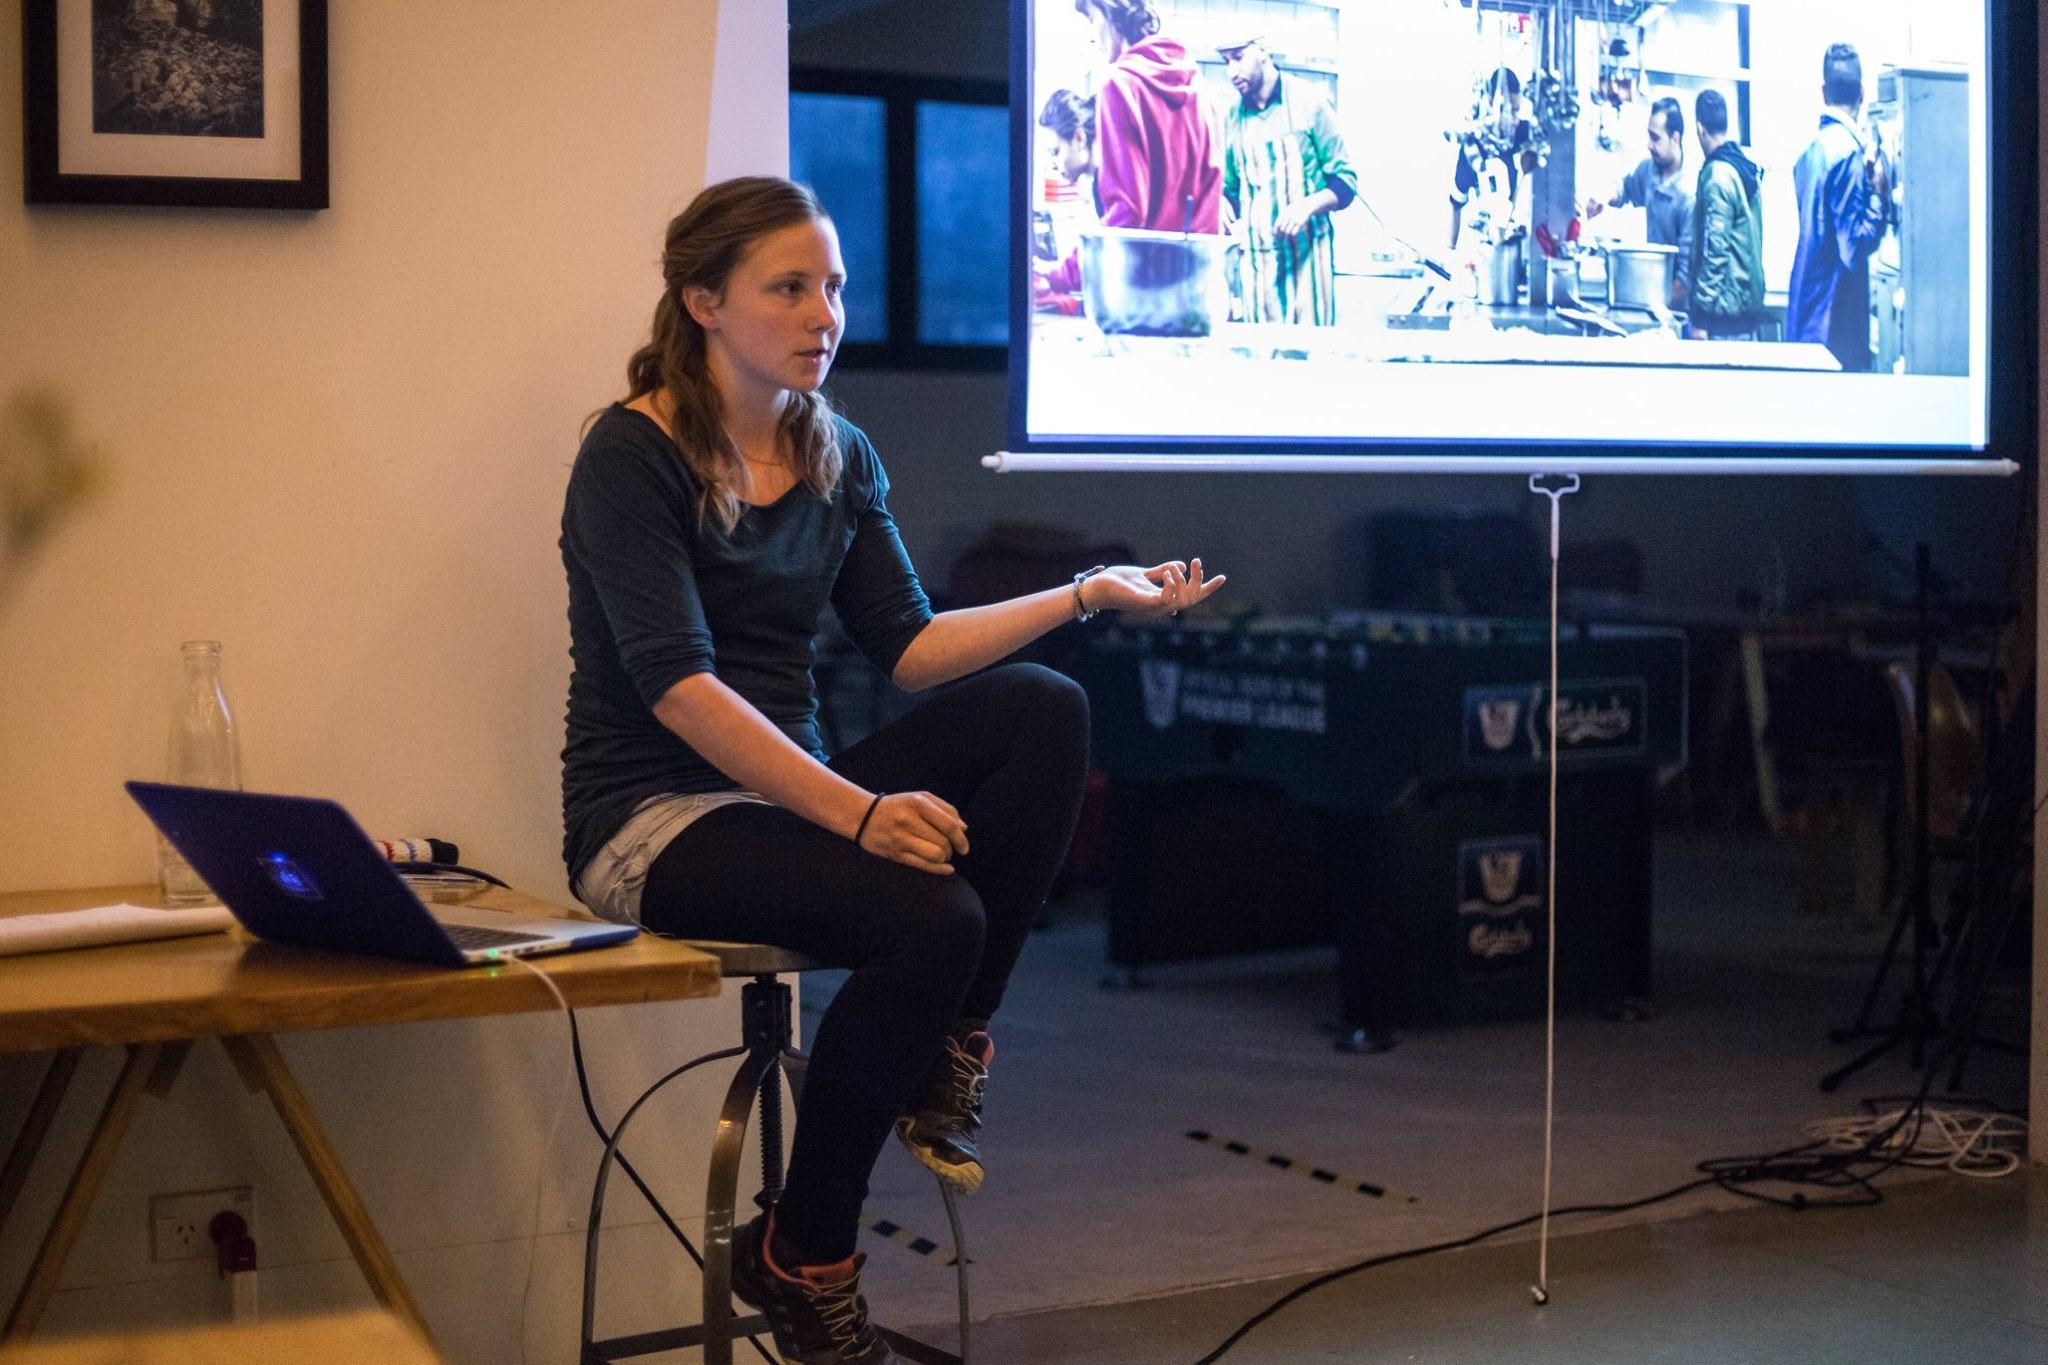 Ramona Gastl | Video/Photo/Storyteller | Germany